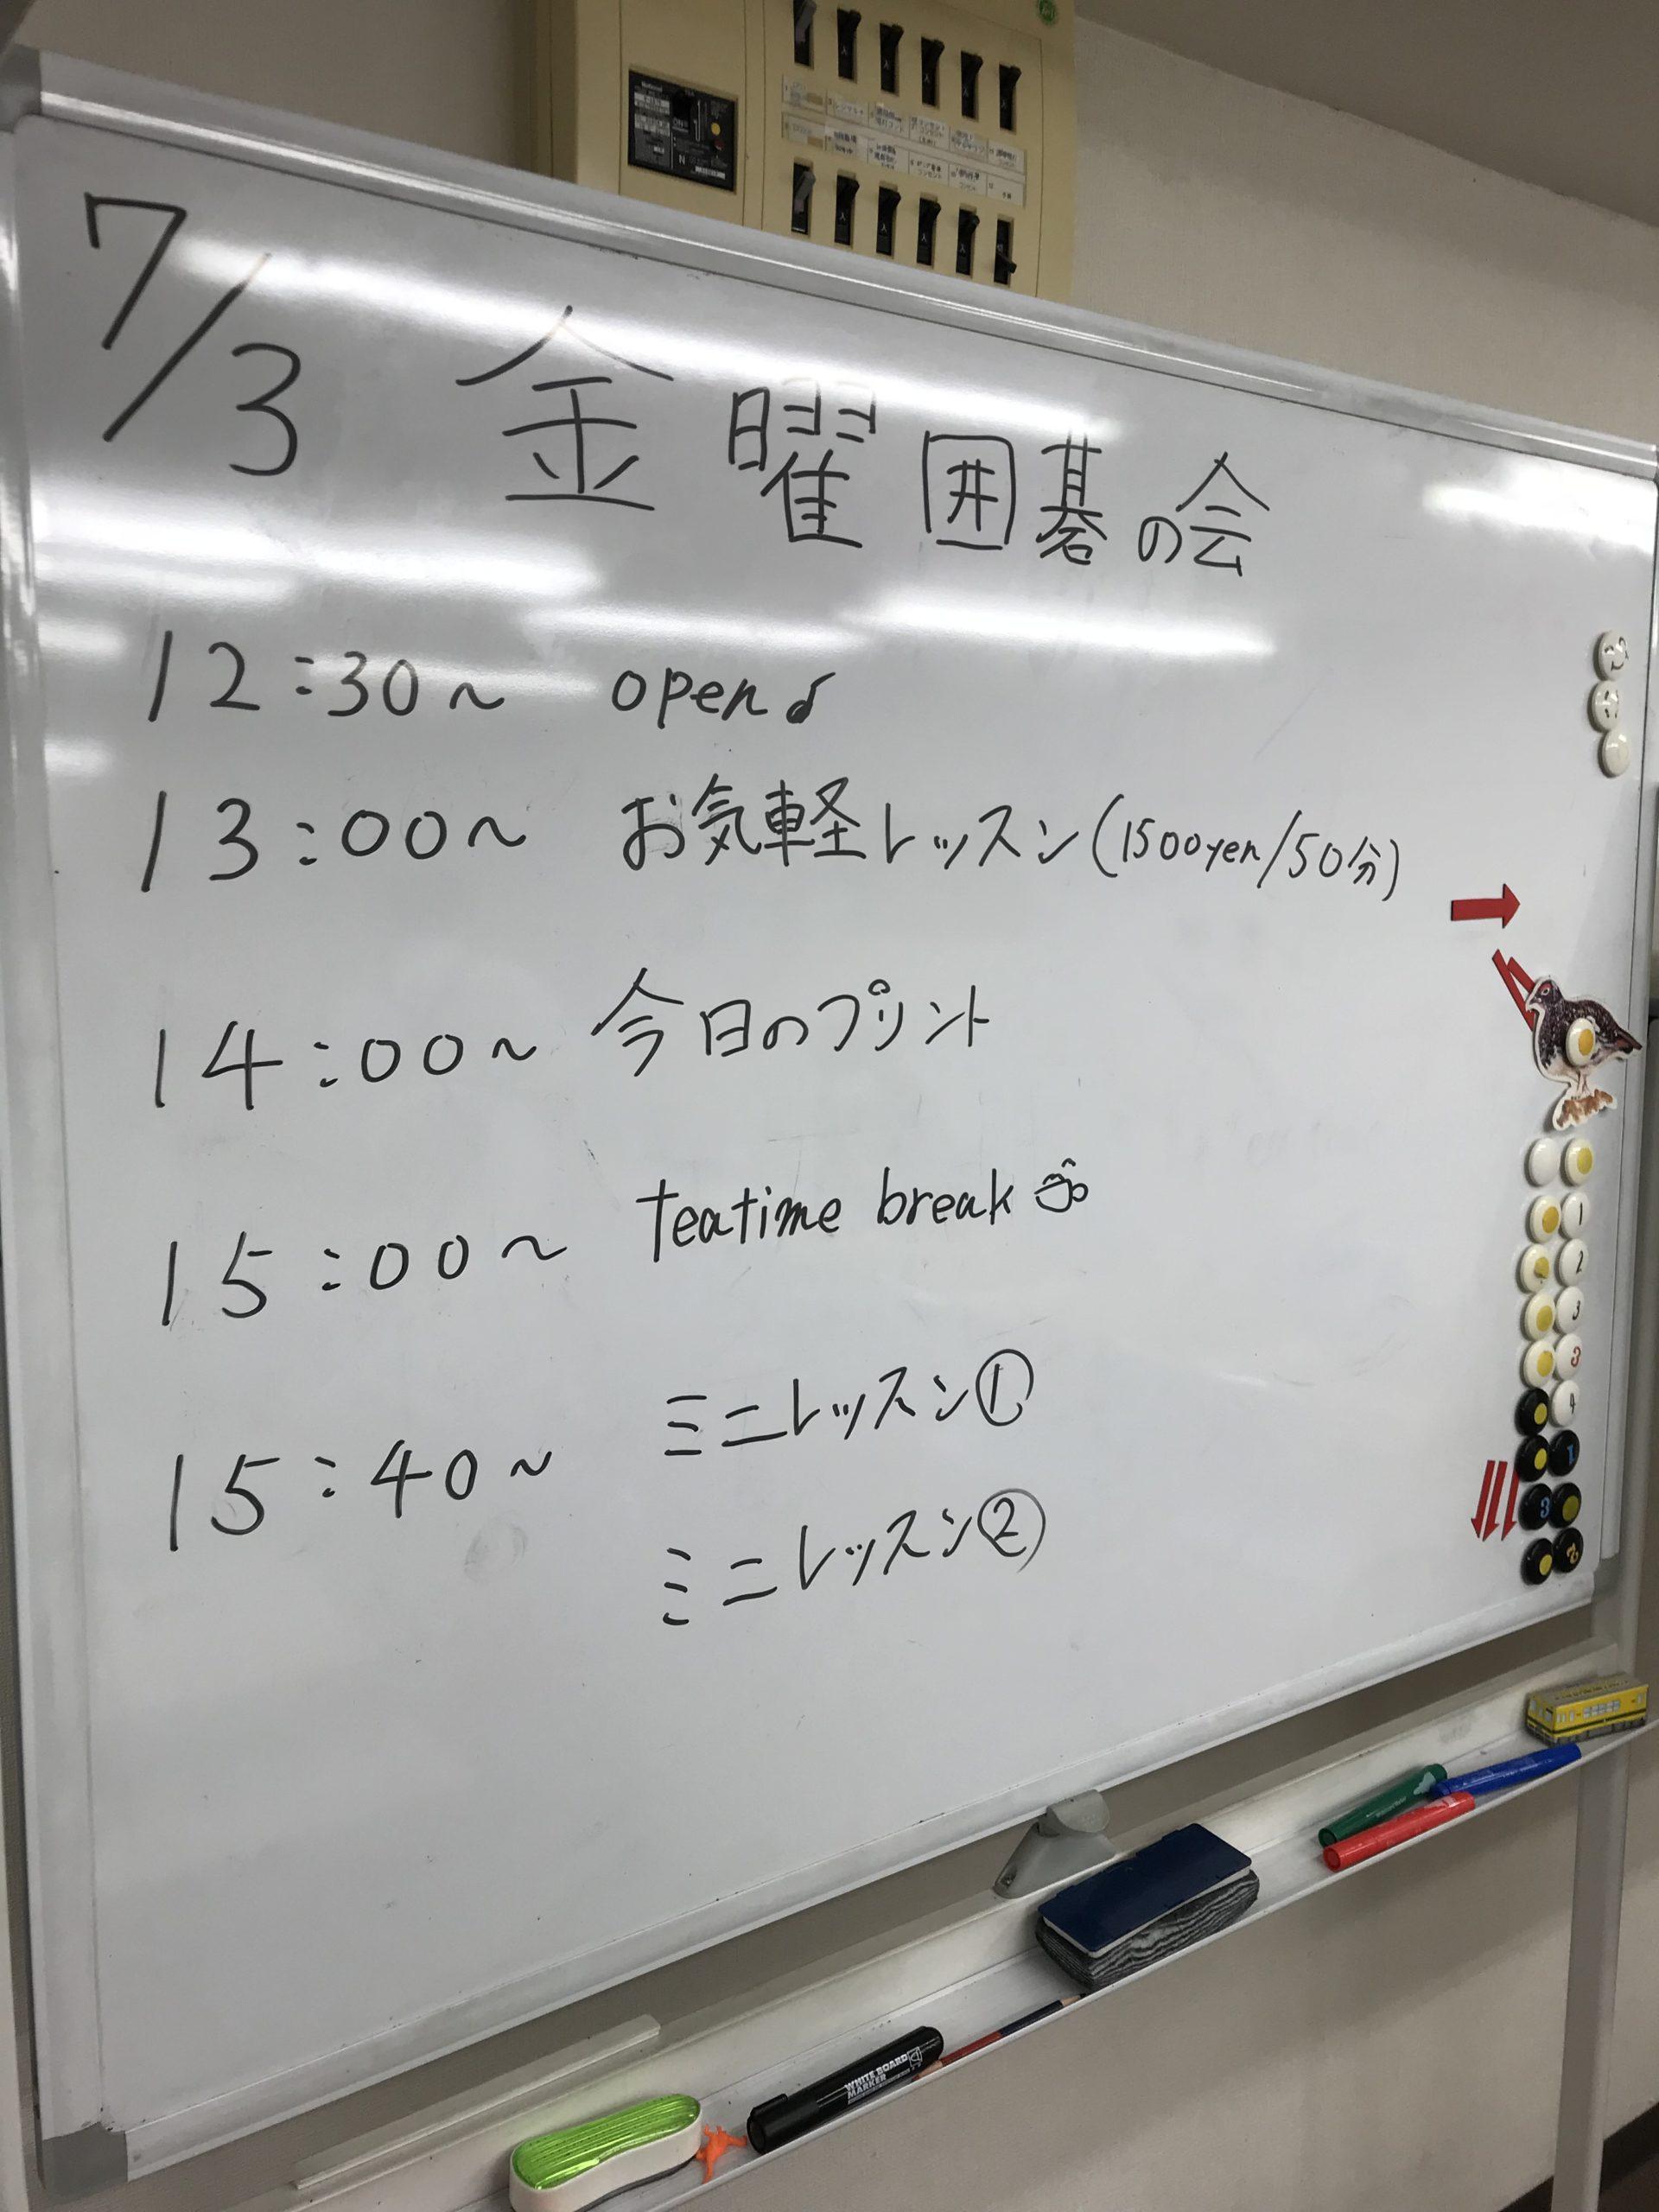 金曜教室のスケジュール